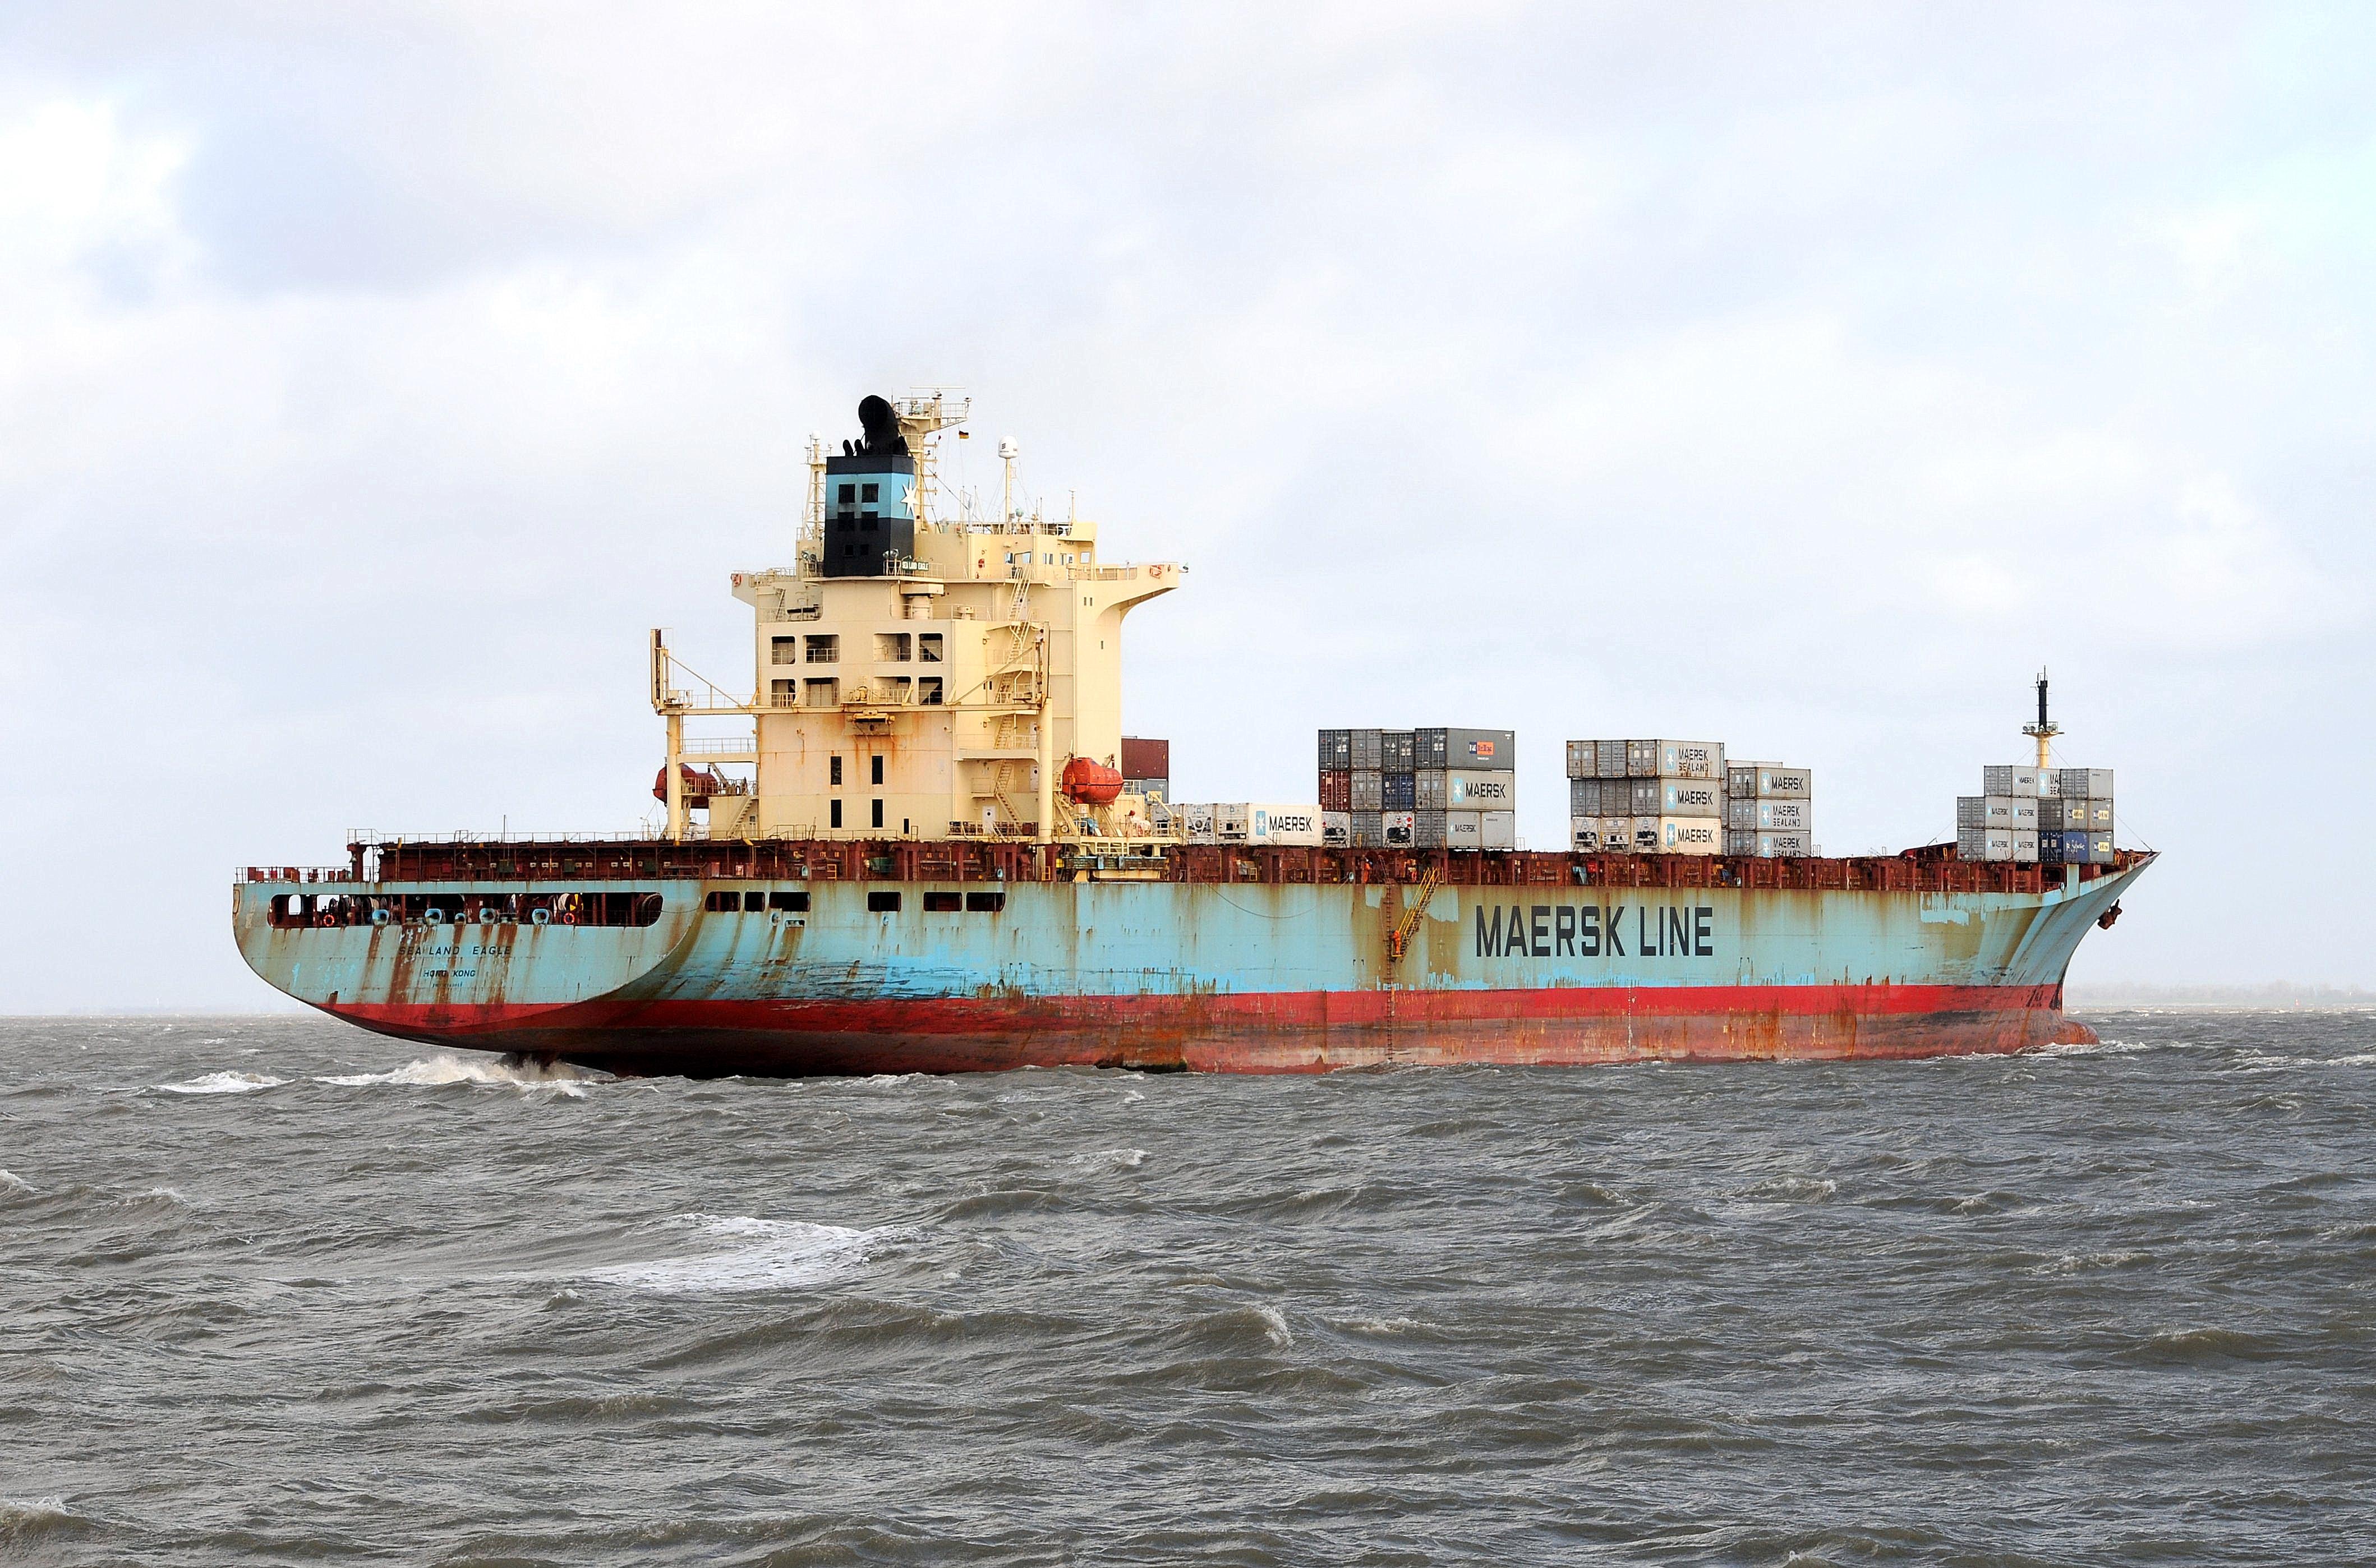 hvor mange skibe har mærsk